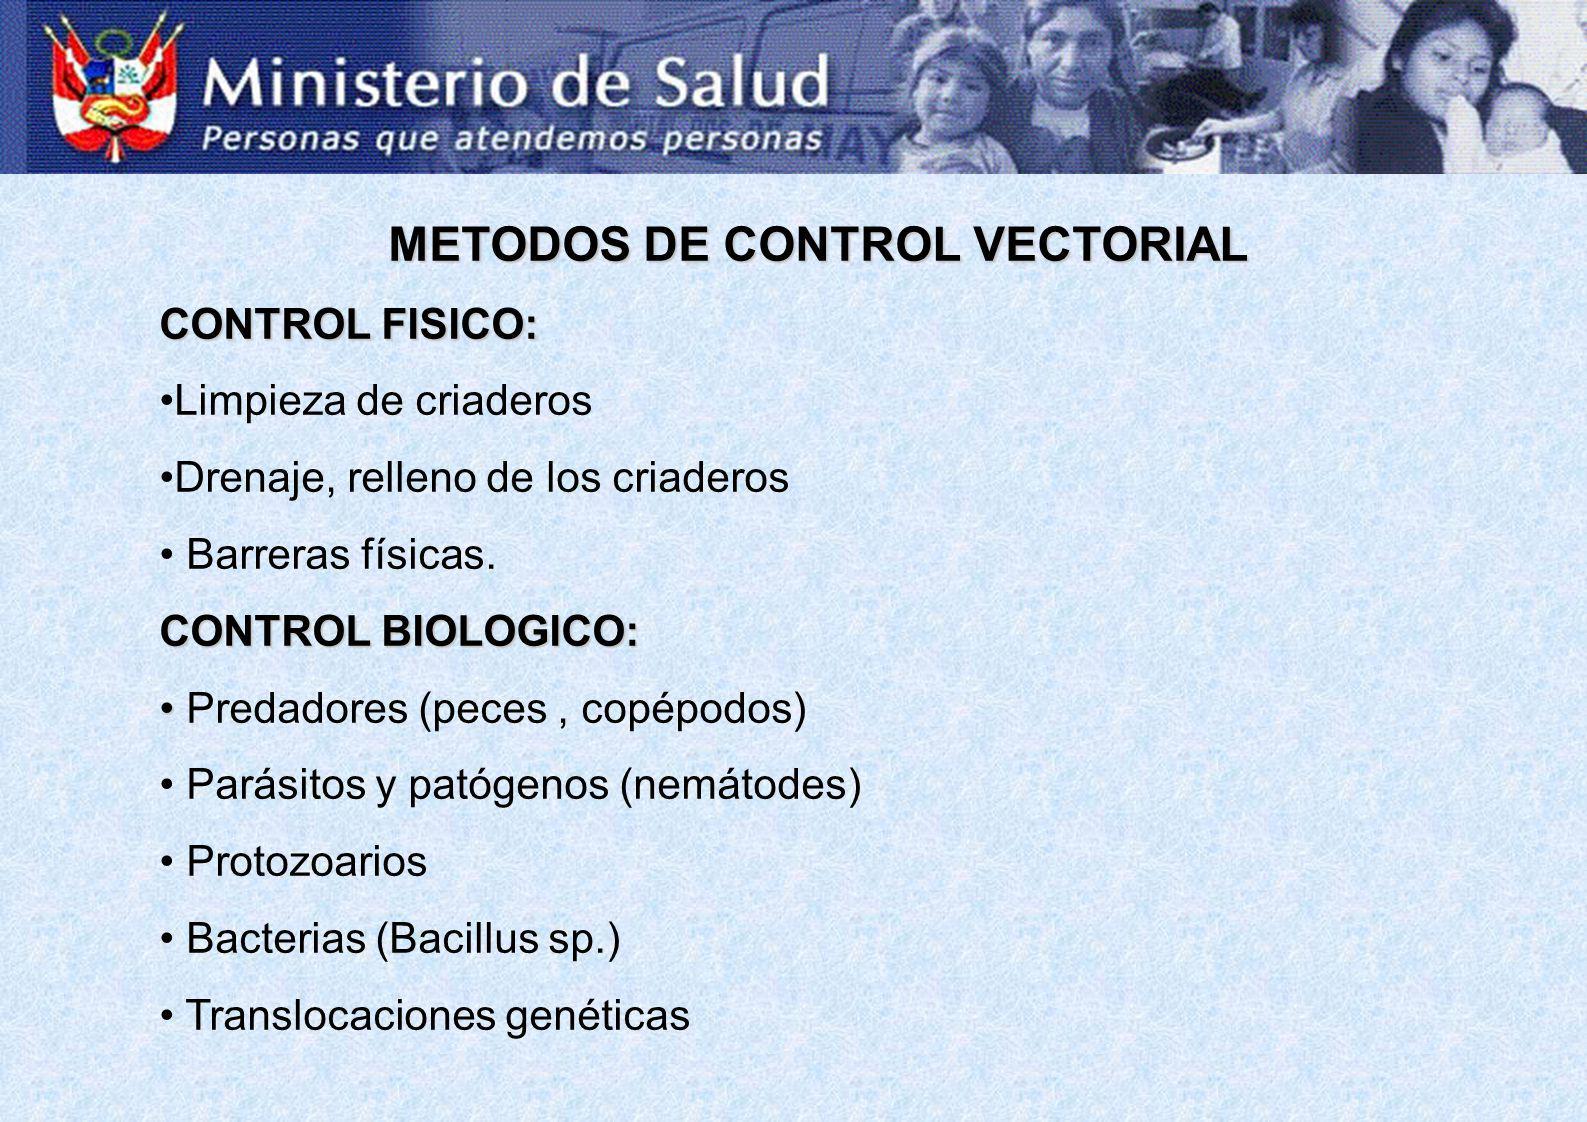 METODOS DE CONTROL VECTORIAL CONTROL FISICO: Limpieza de criaderos Drenaje, relleno de los criaderos Barreras físicas. CONTROL BIOLOGICO: Predadores (